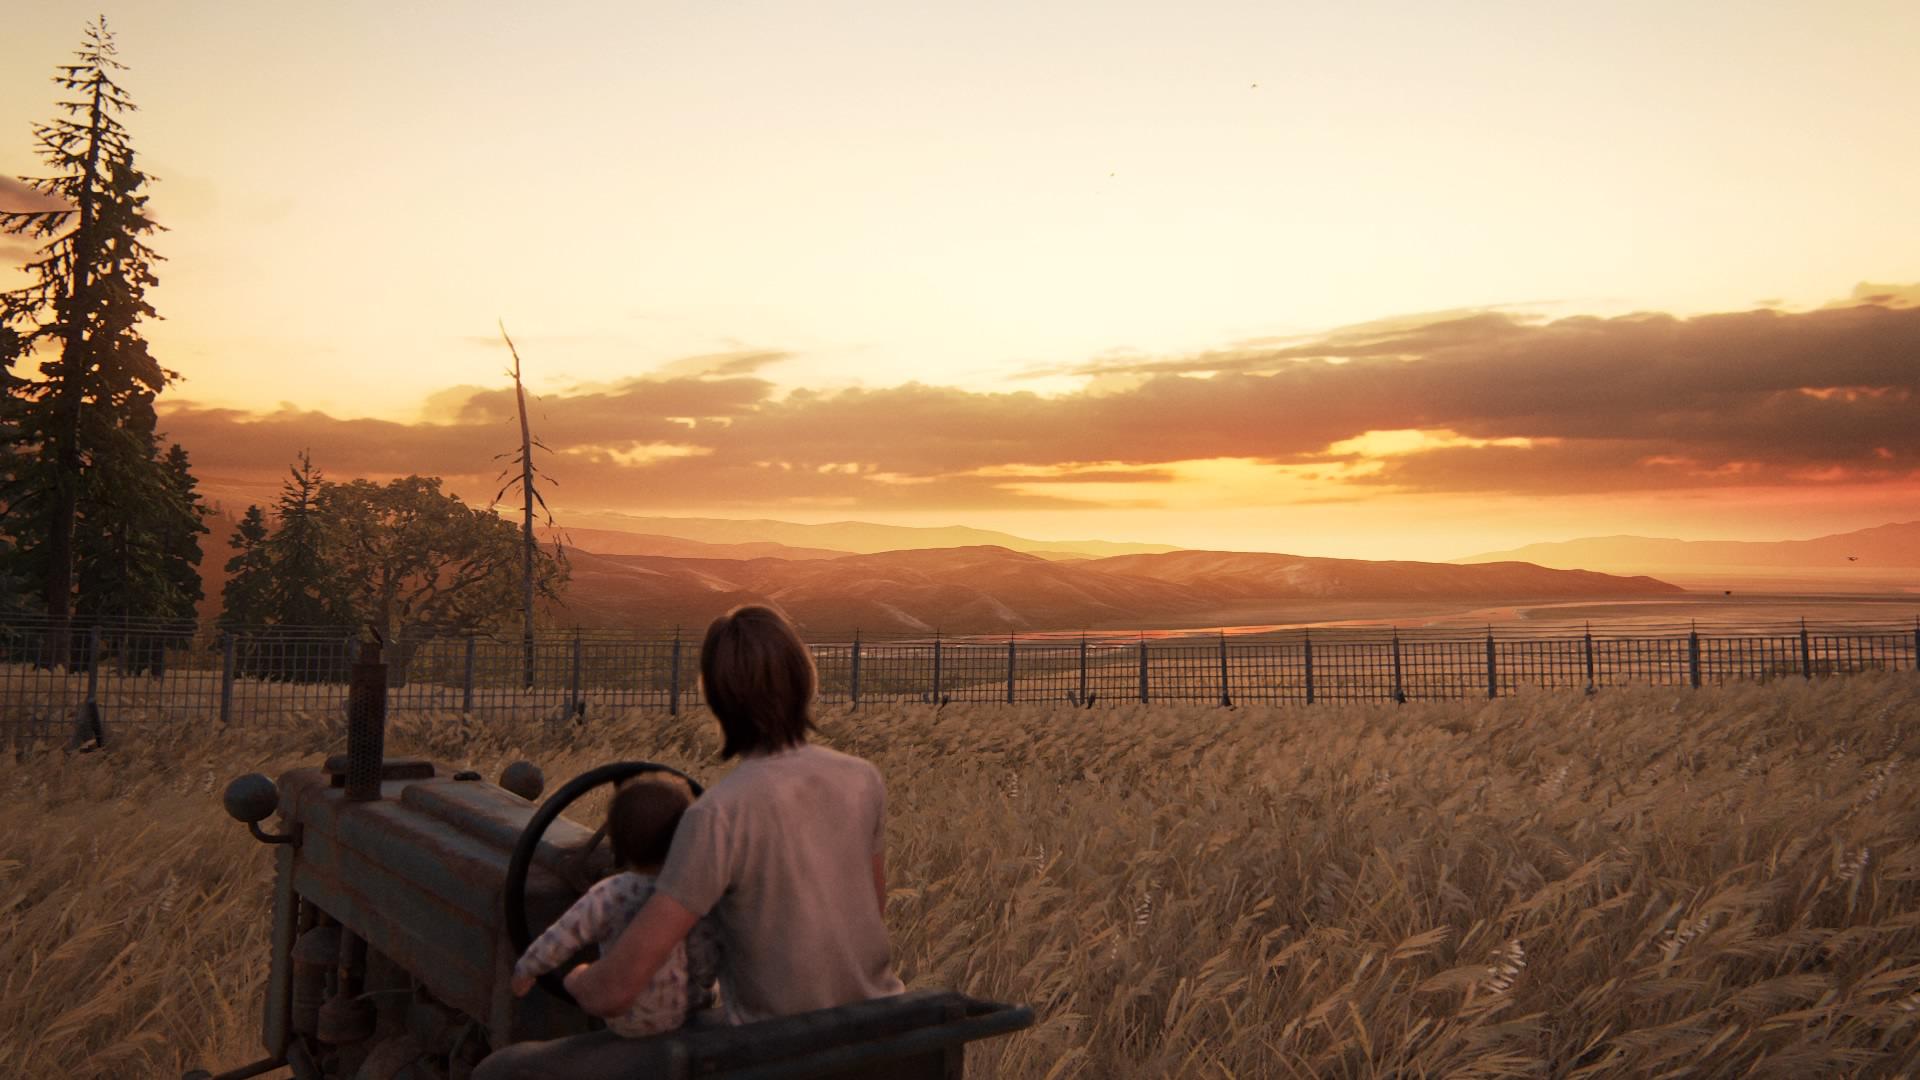 Выйдет ли The Last of Us 3 (Одни из нас 3) на PS5?